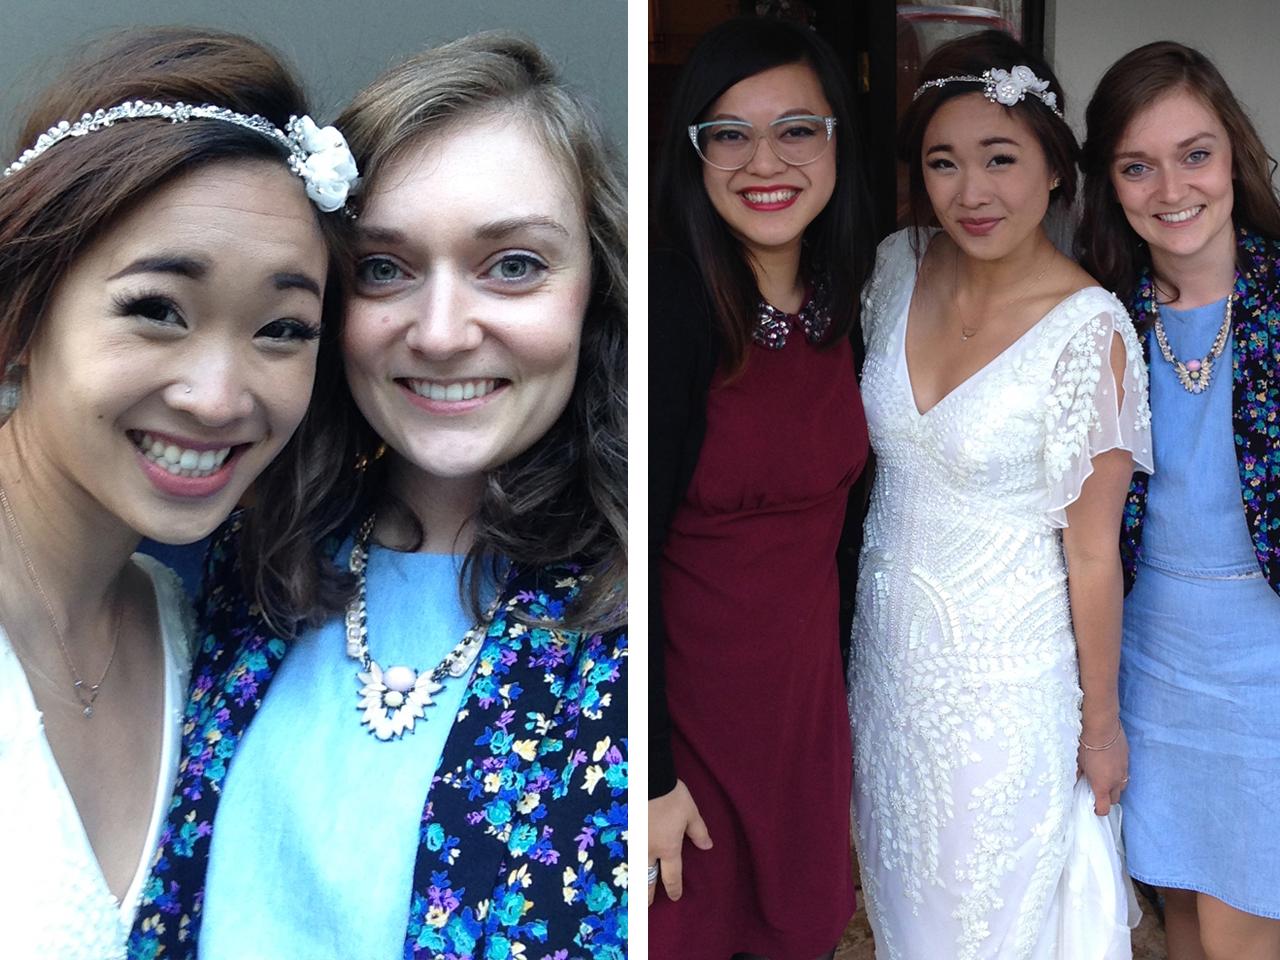 Ryerson girls reunited :)